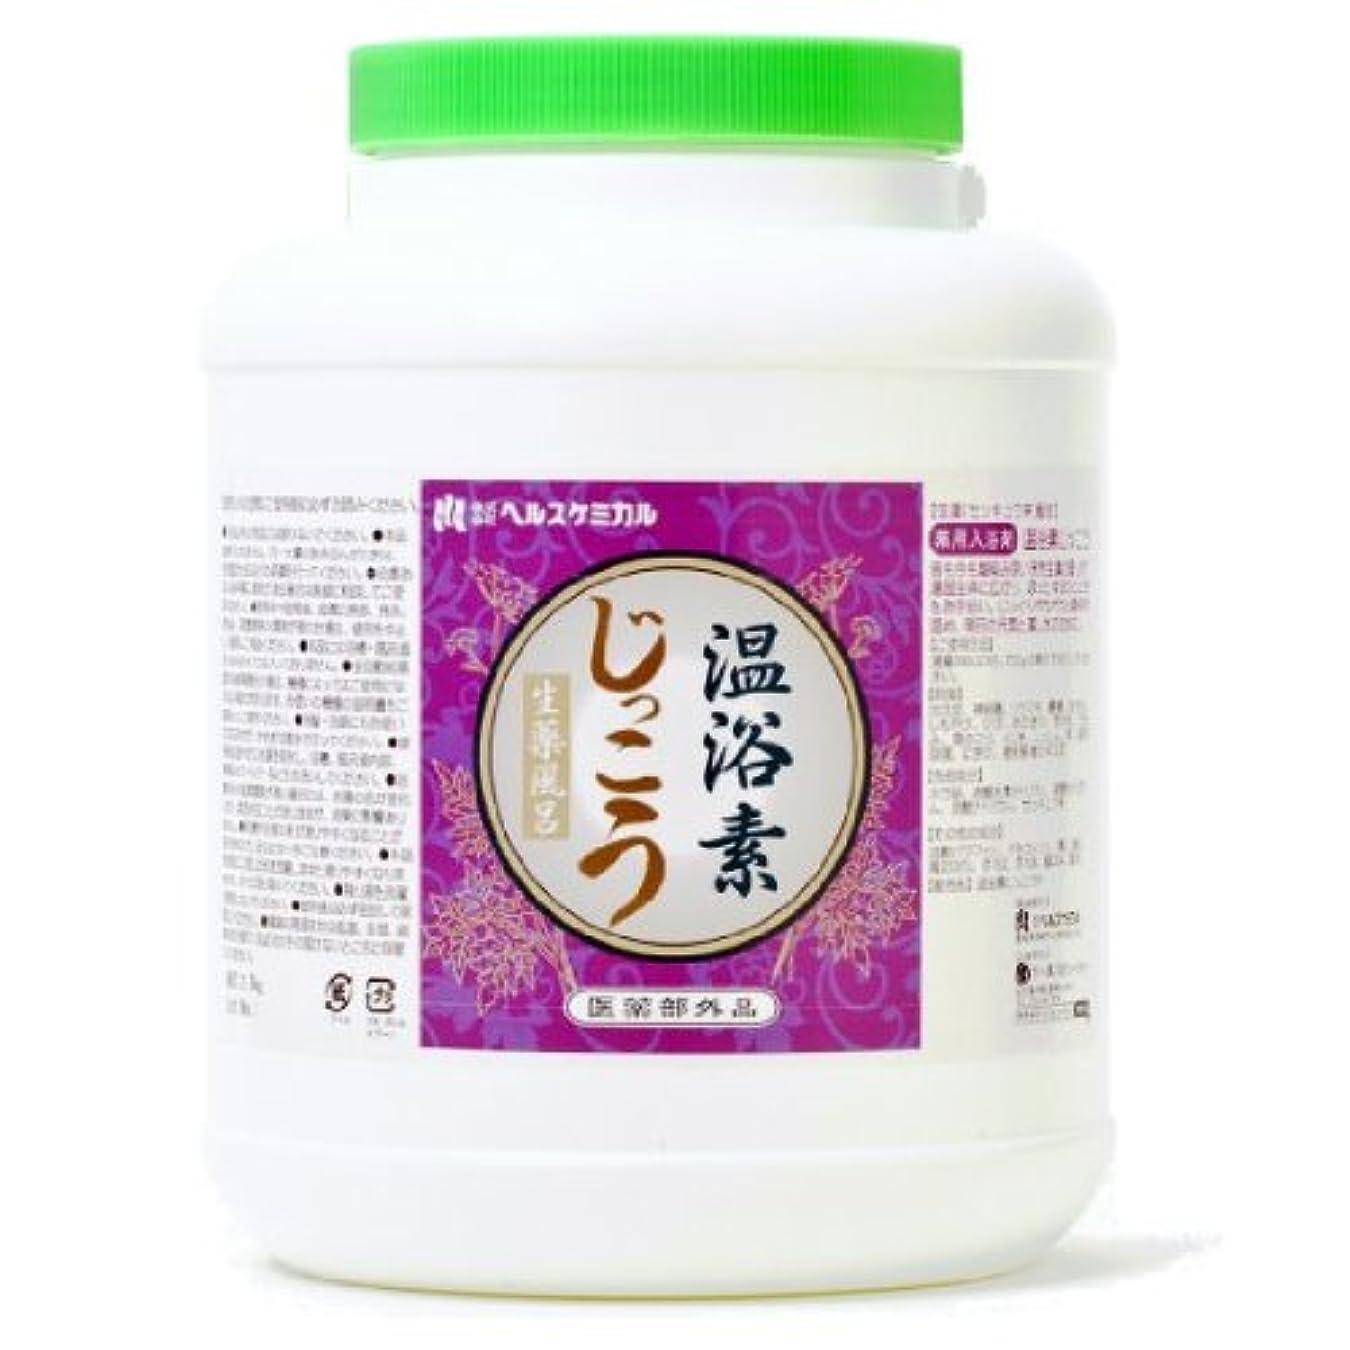 想像力お勧めバイバイ温浴素 じっこう 2.5kg 約125回分 粉末 生薬 薬湯 医薬部外品 ロングセラー 天然生薬 の 香り